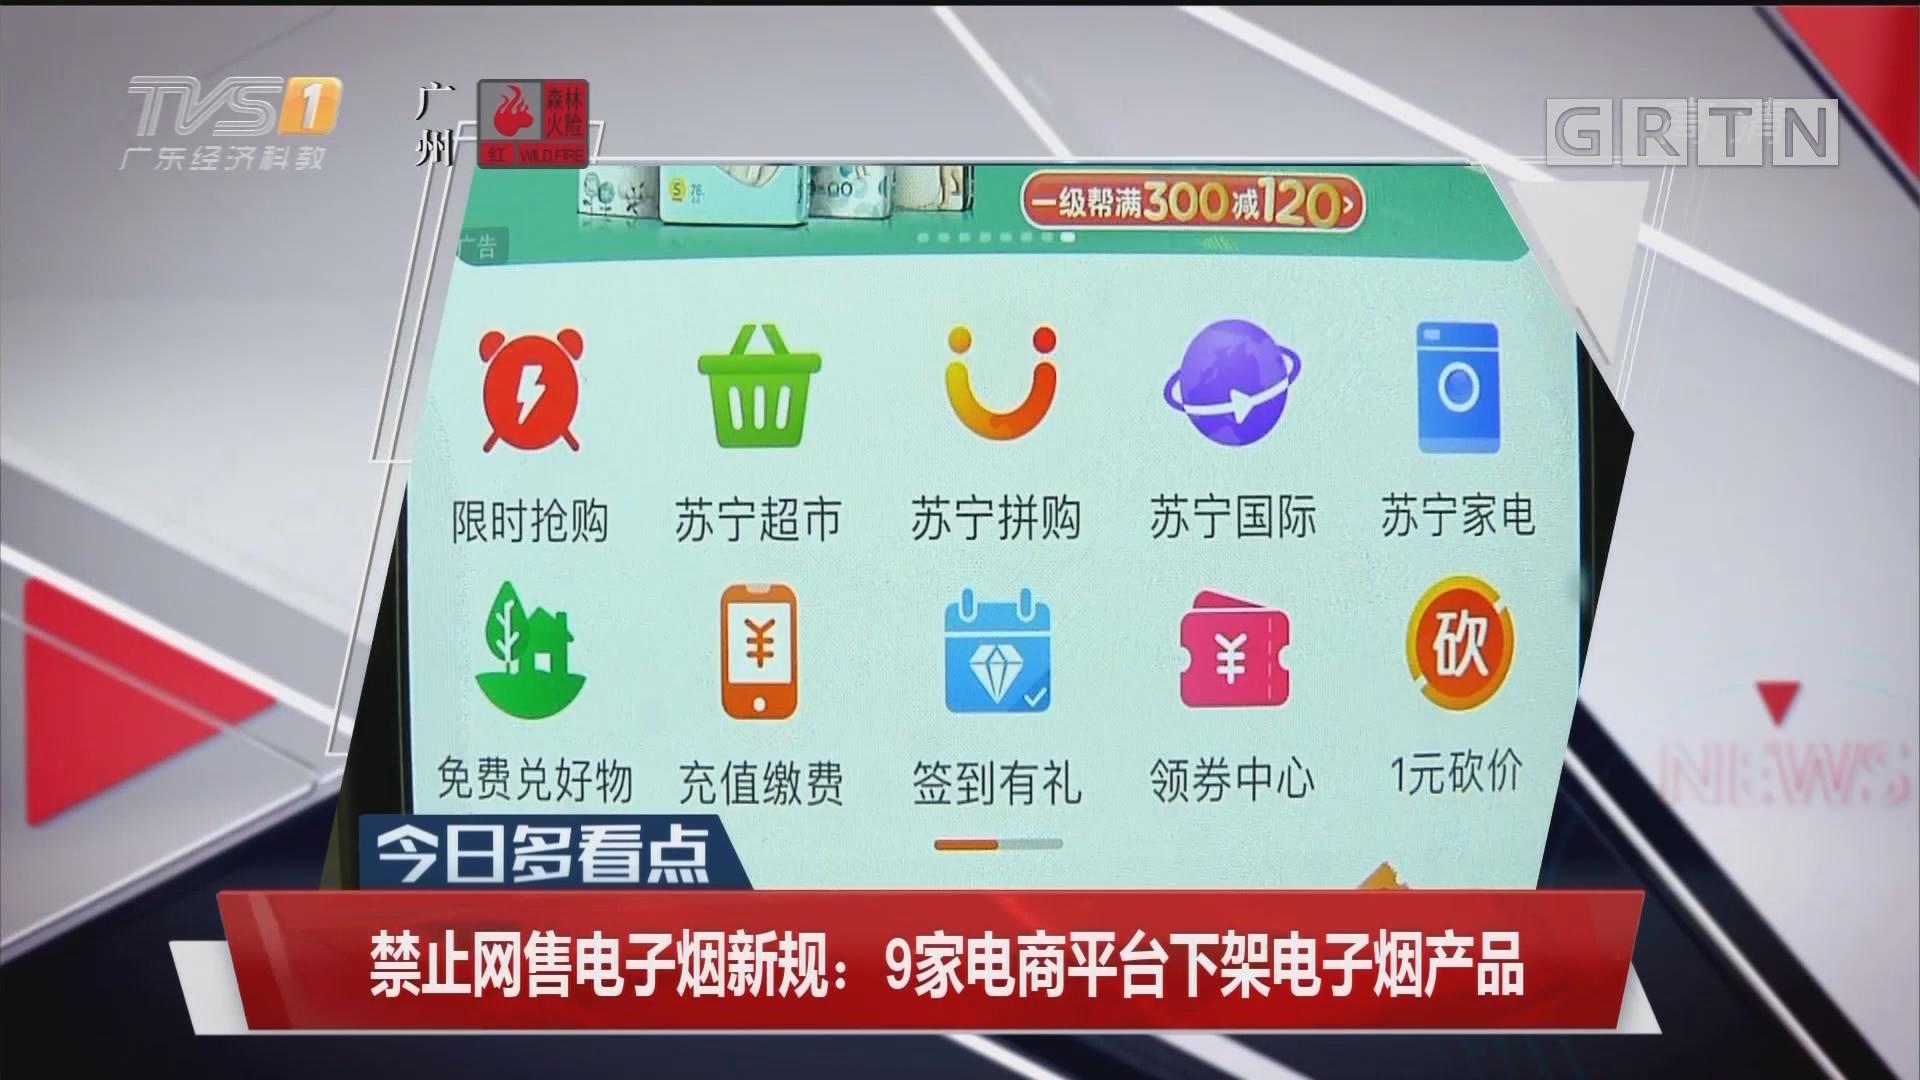 禁止网售电子烟新规:9家电商平台下架电子烟产品